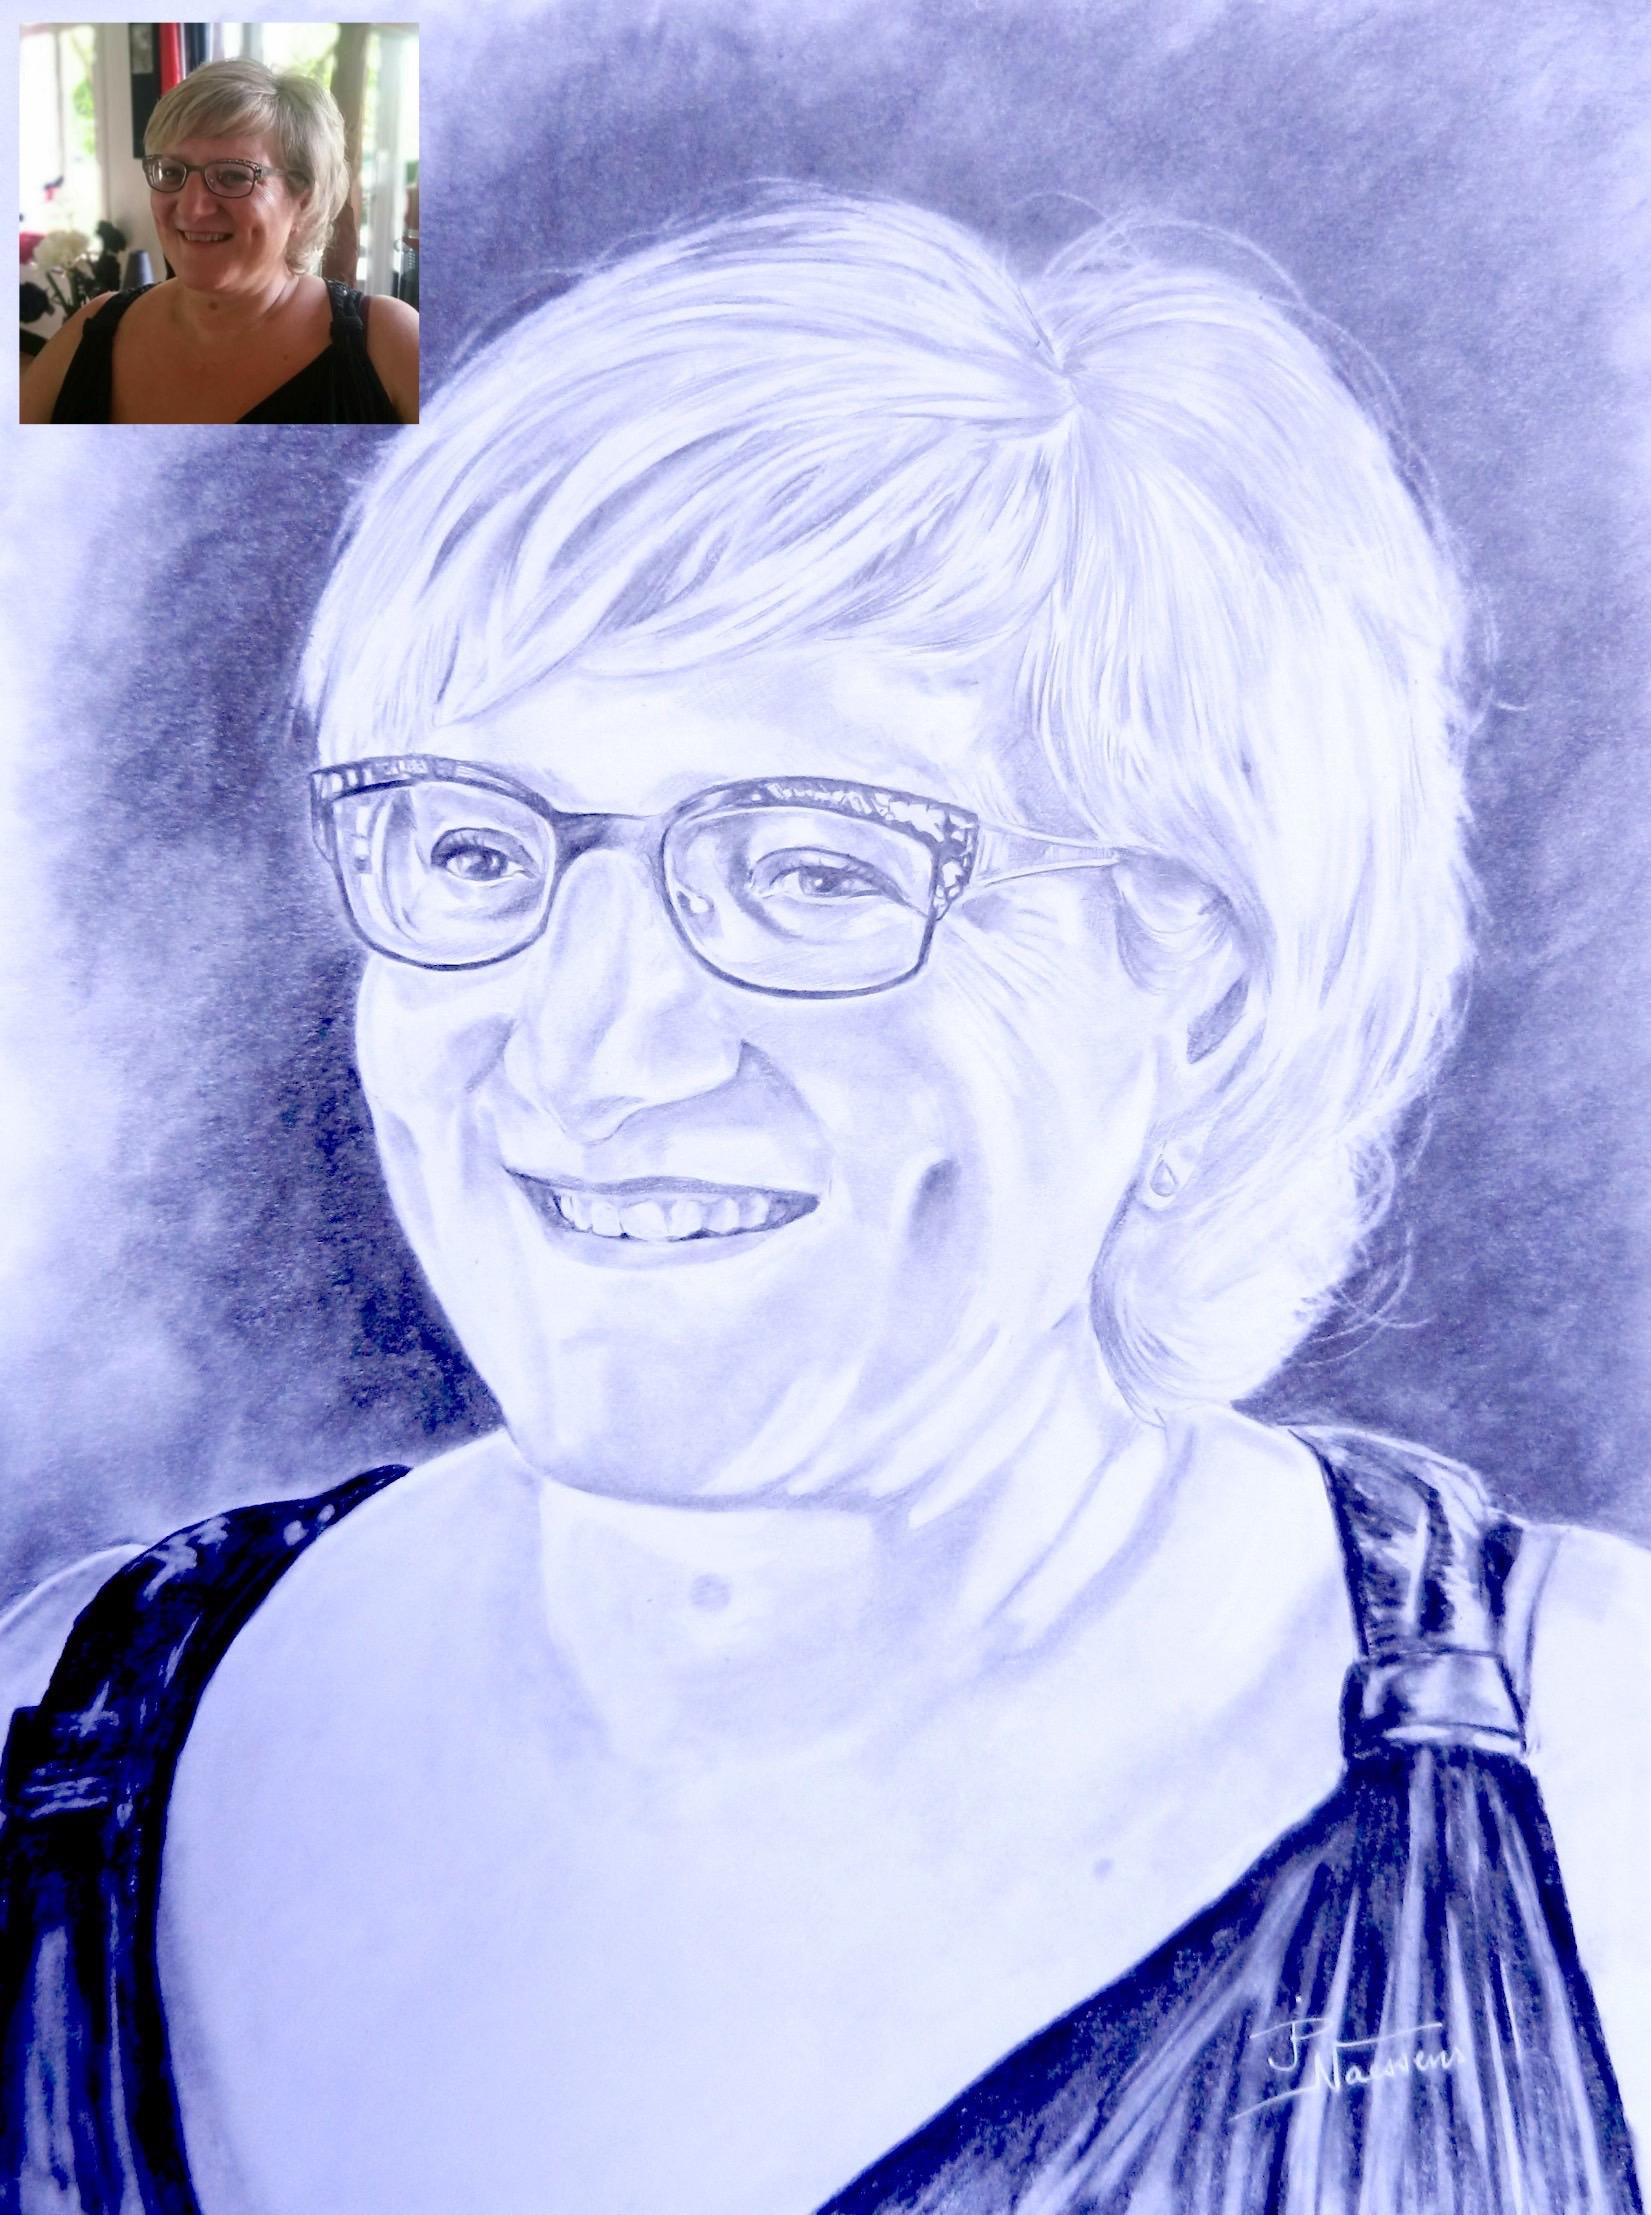 Cours De Dessin Montbéliard artiste portraitiste